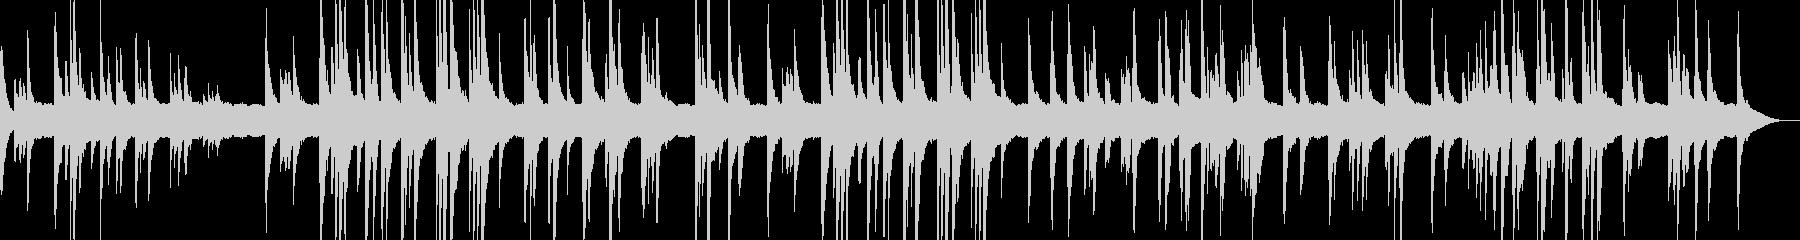 ヒーリング音楽その1の未再生の波形